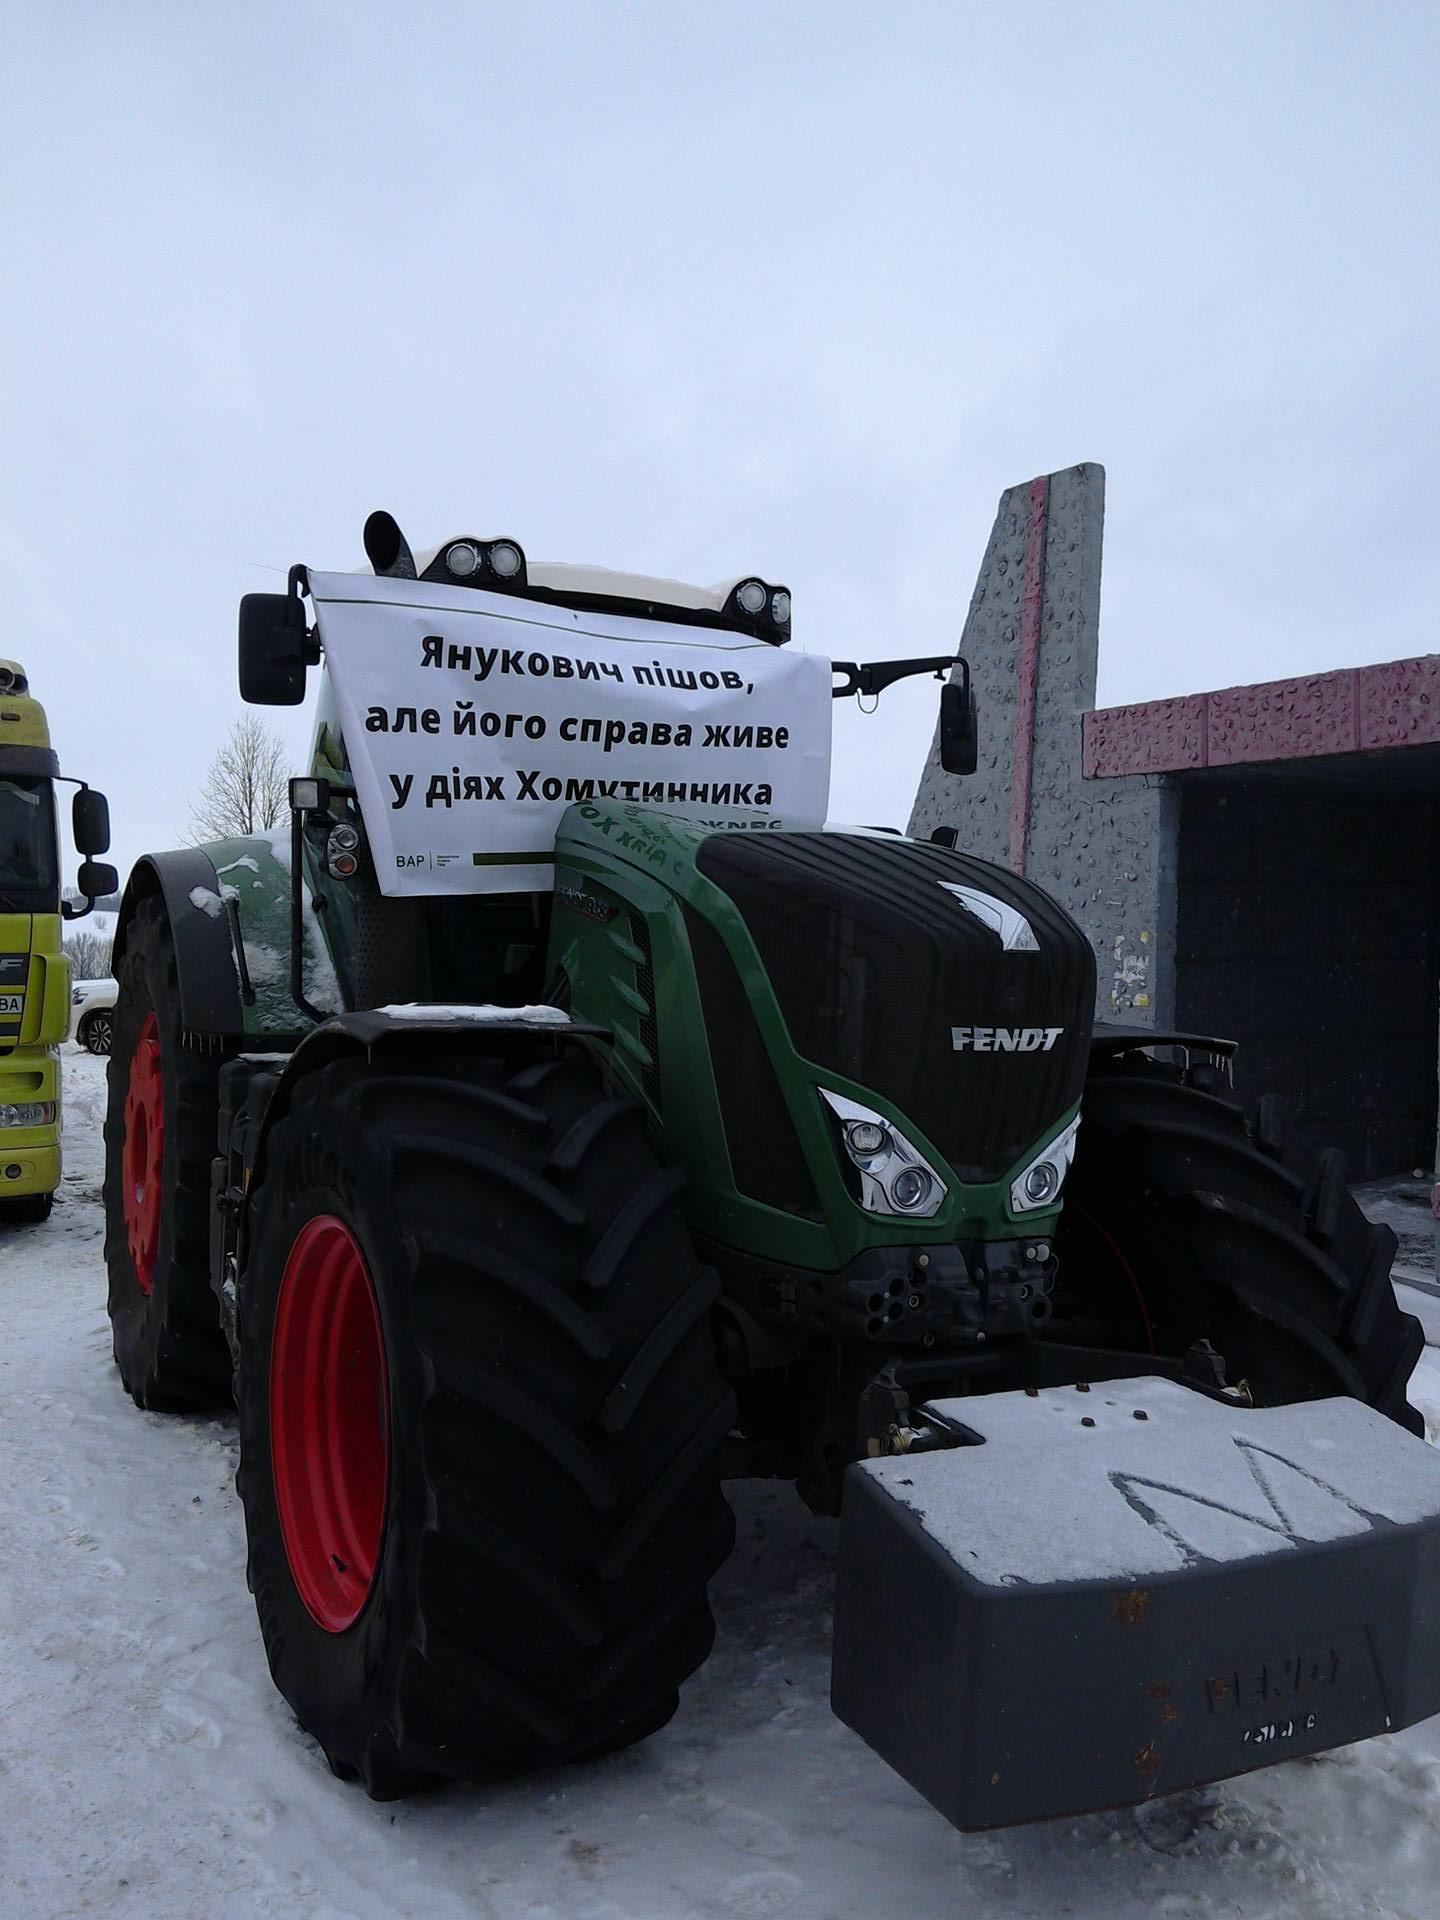 Під Новоархангельськом годину близько ста машин чекали на завершення акції аграріїв. ФОТО. ВІДЕО - 4 - Бізнес - Без Купюр